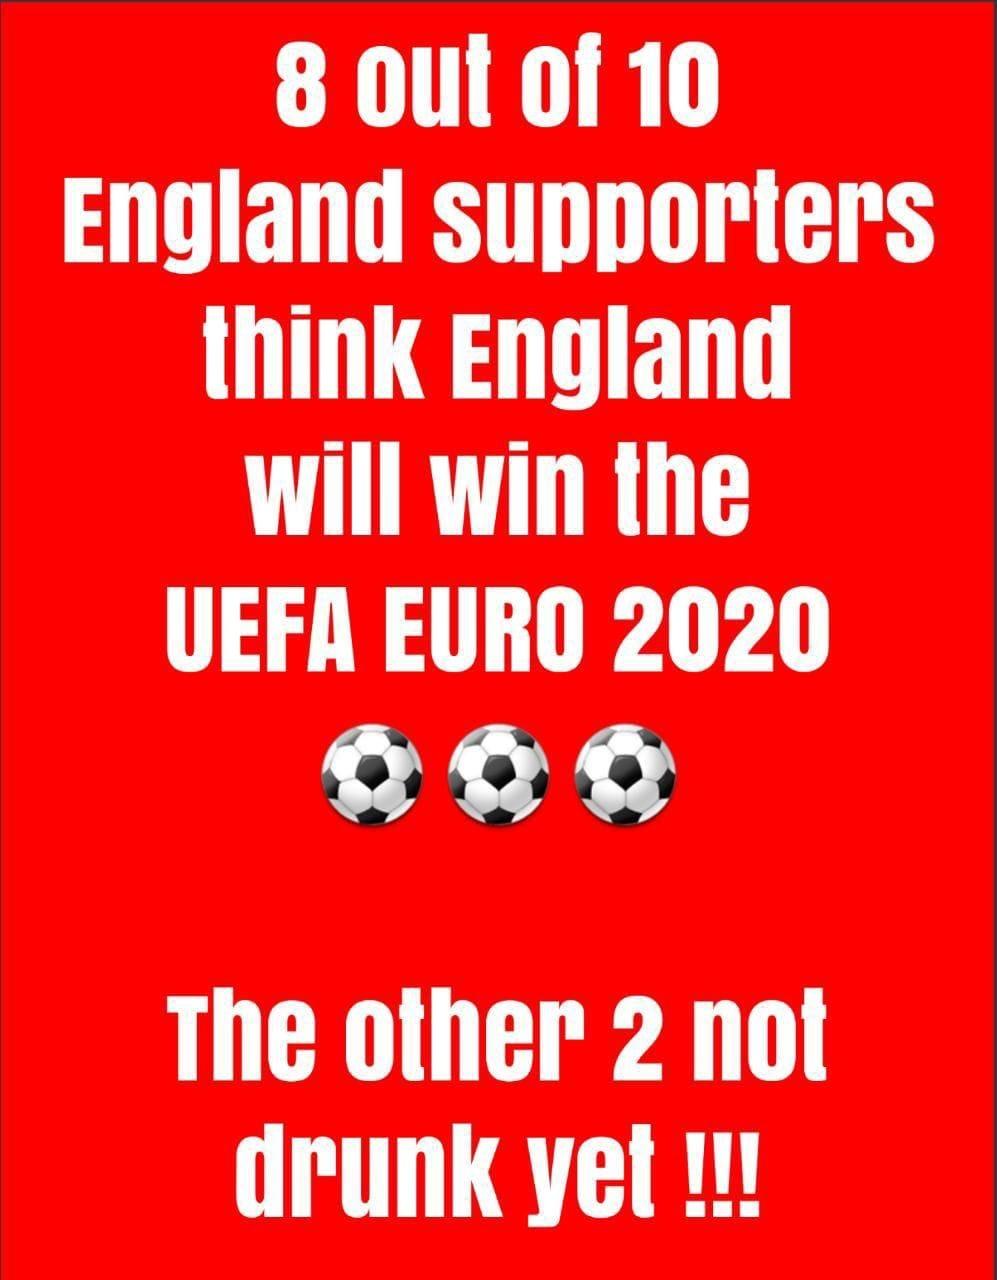 EuroCup, EnglandVsItaly